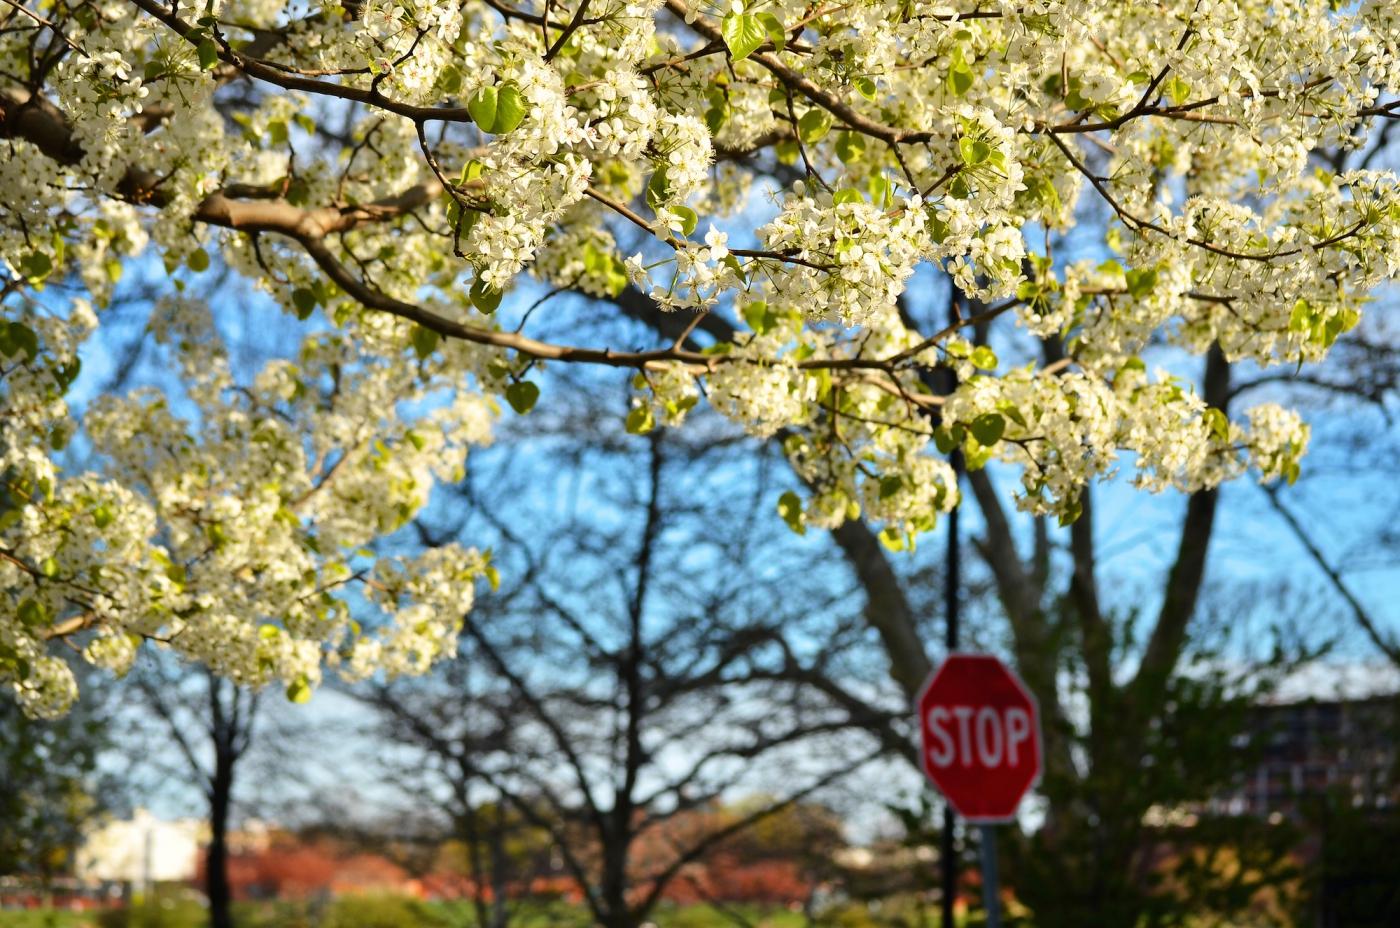 春光甚好 罗岛樱花已然盛放_图1-6